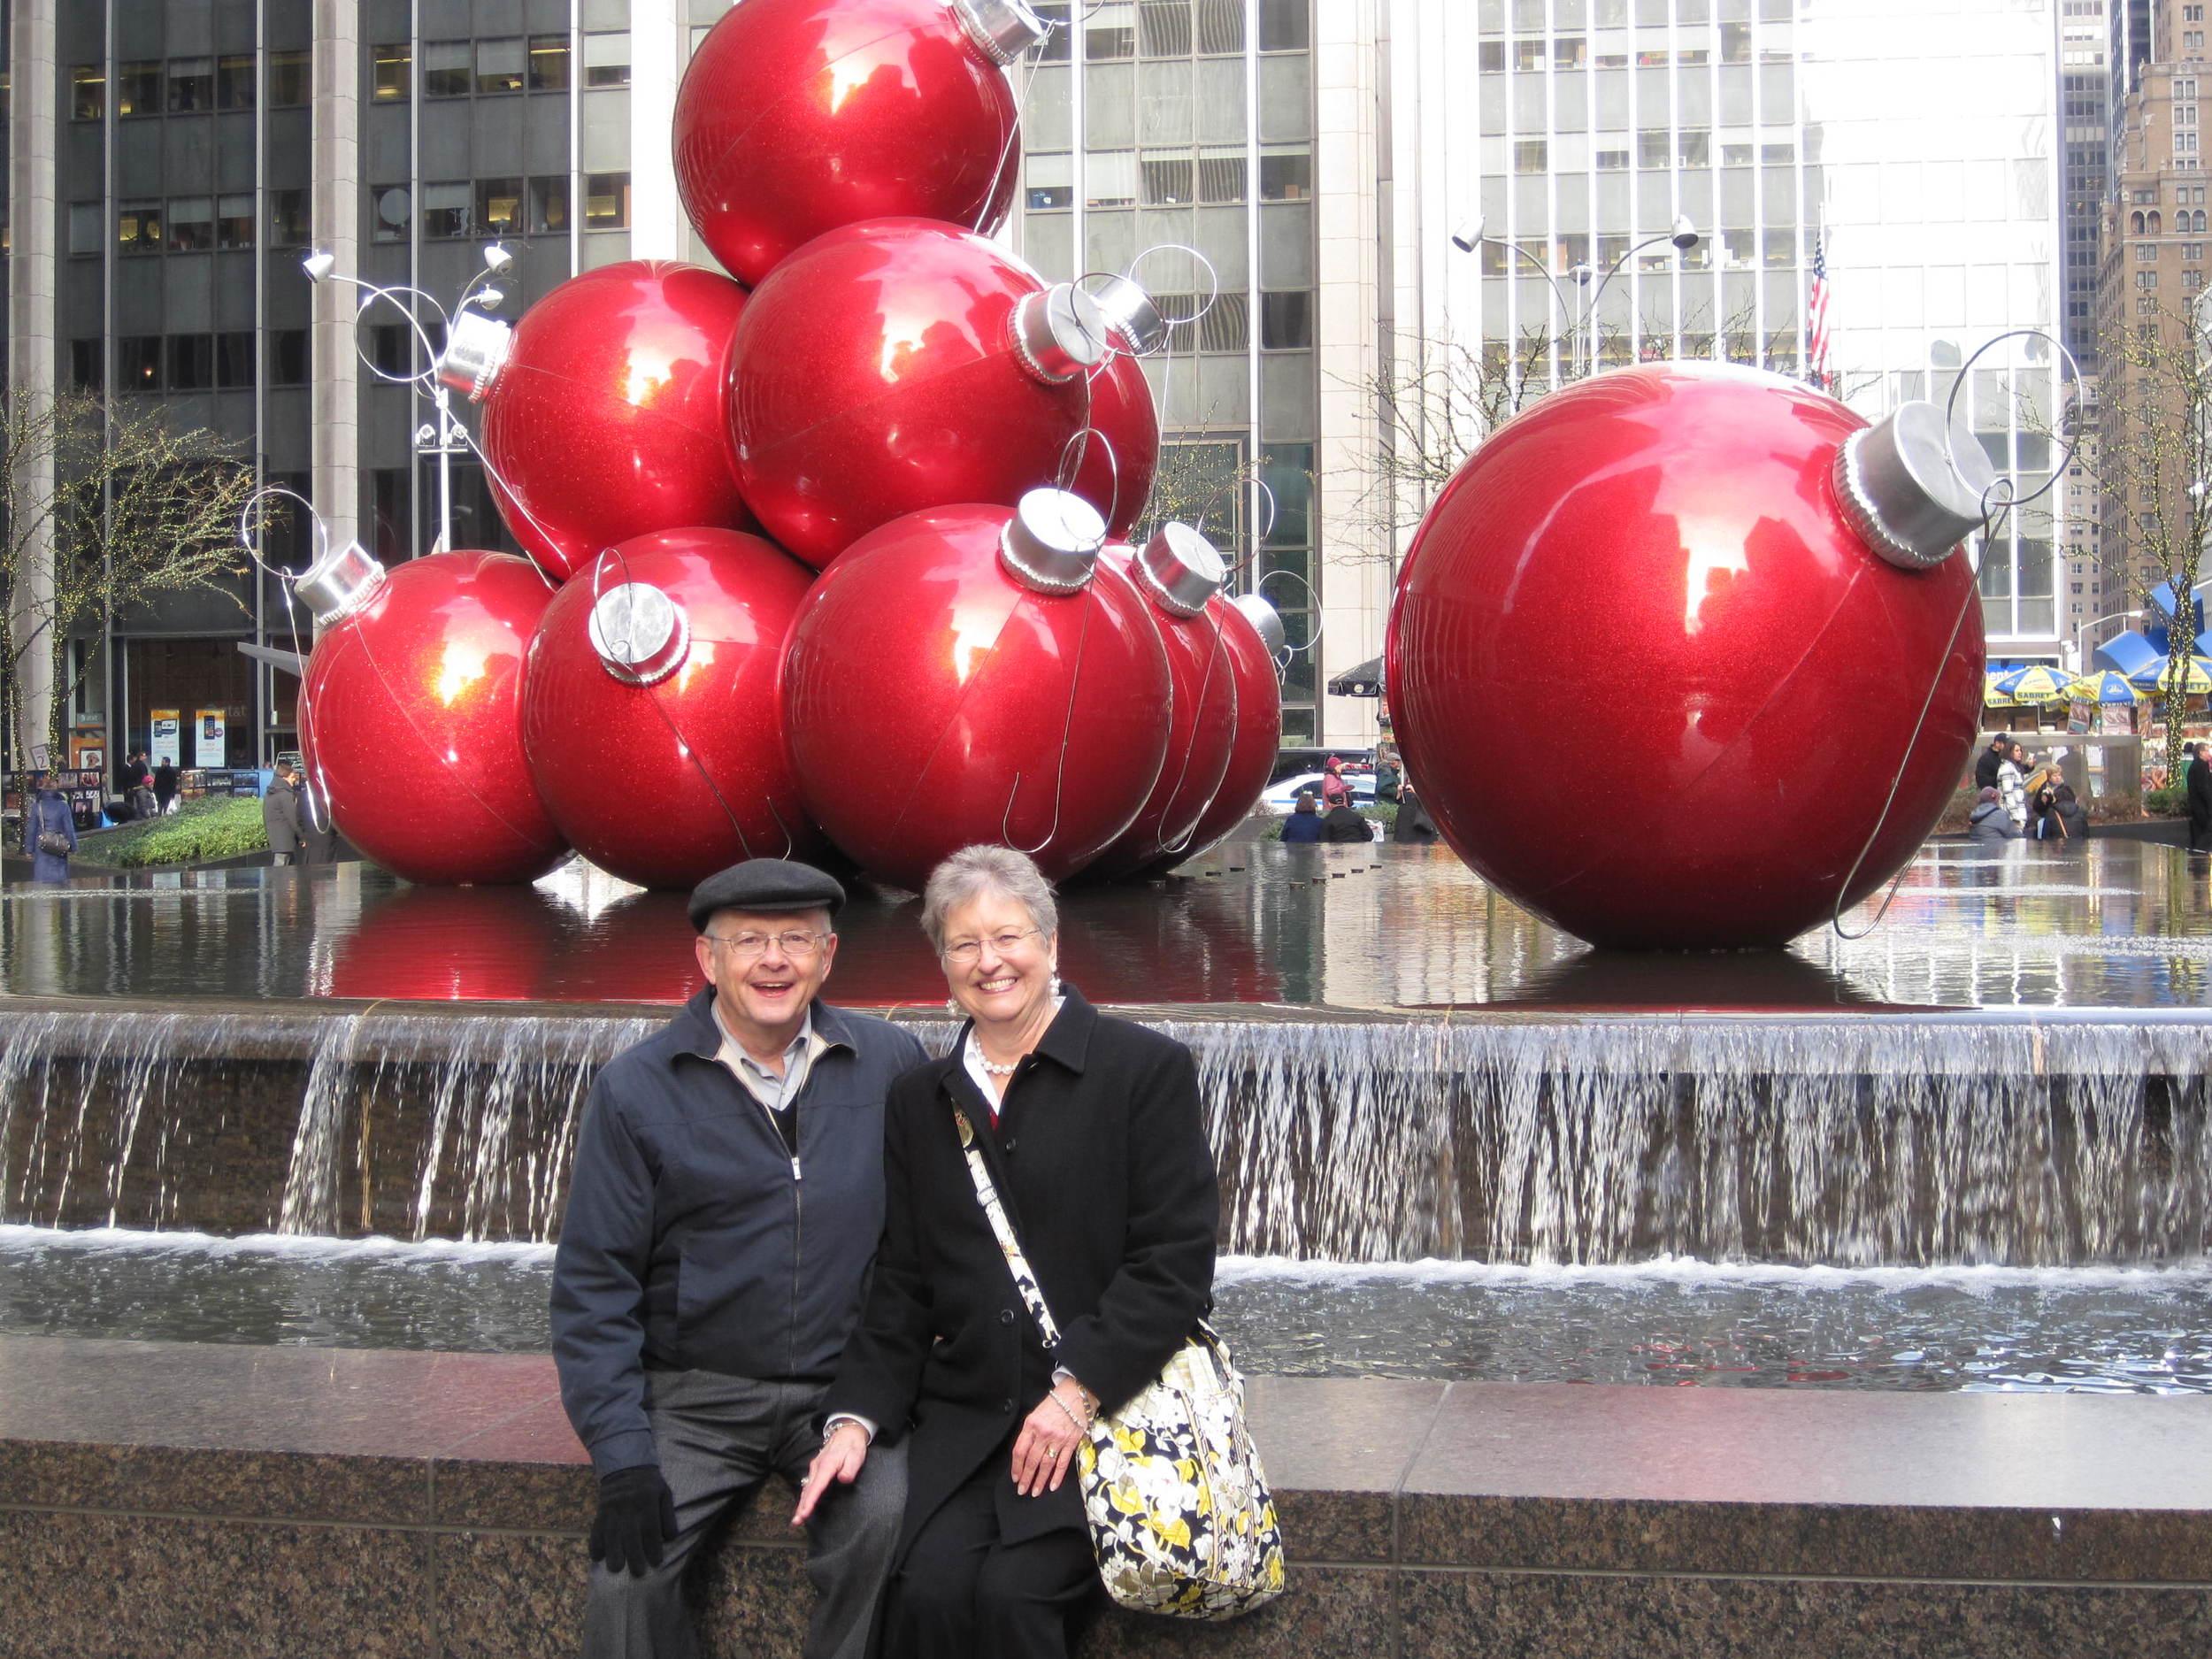 2012-12-12 12.18.47.jpg